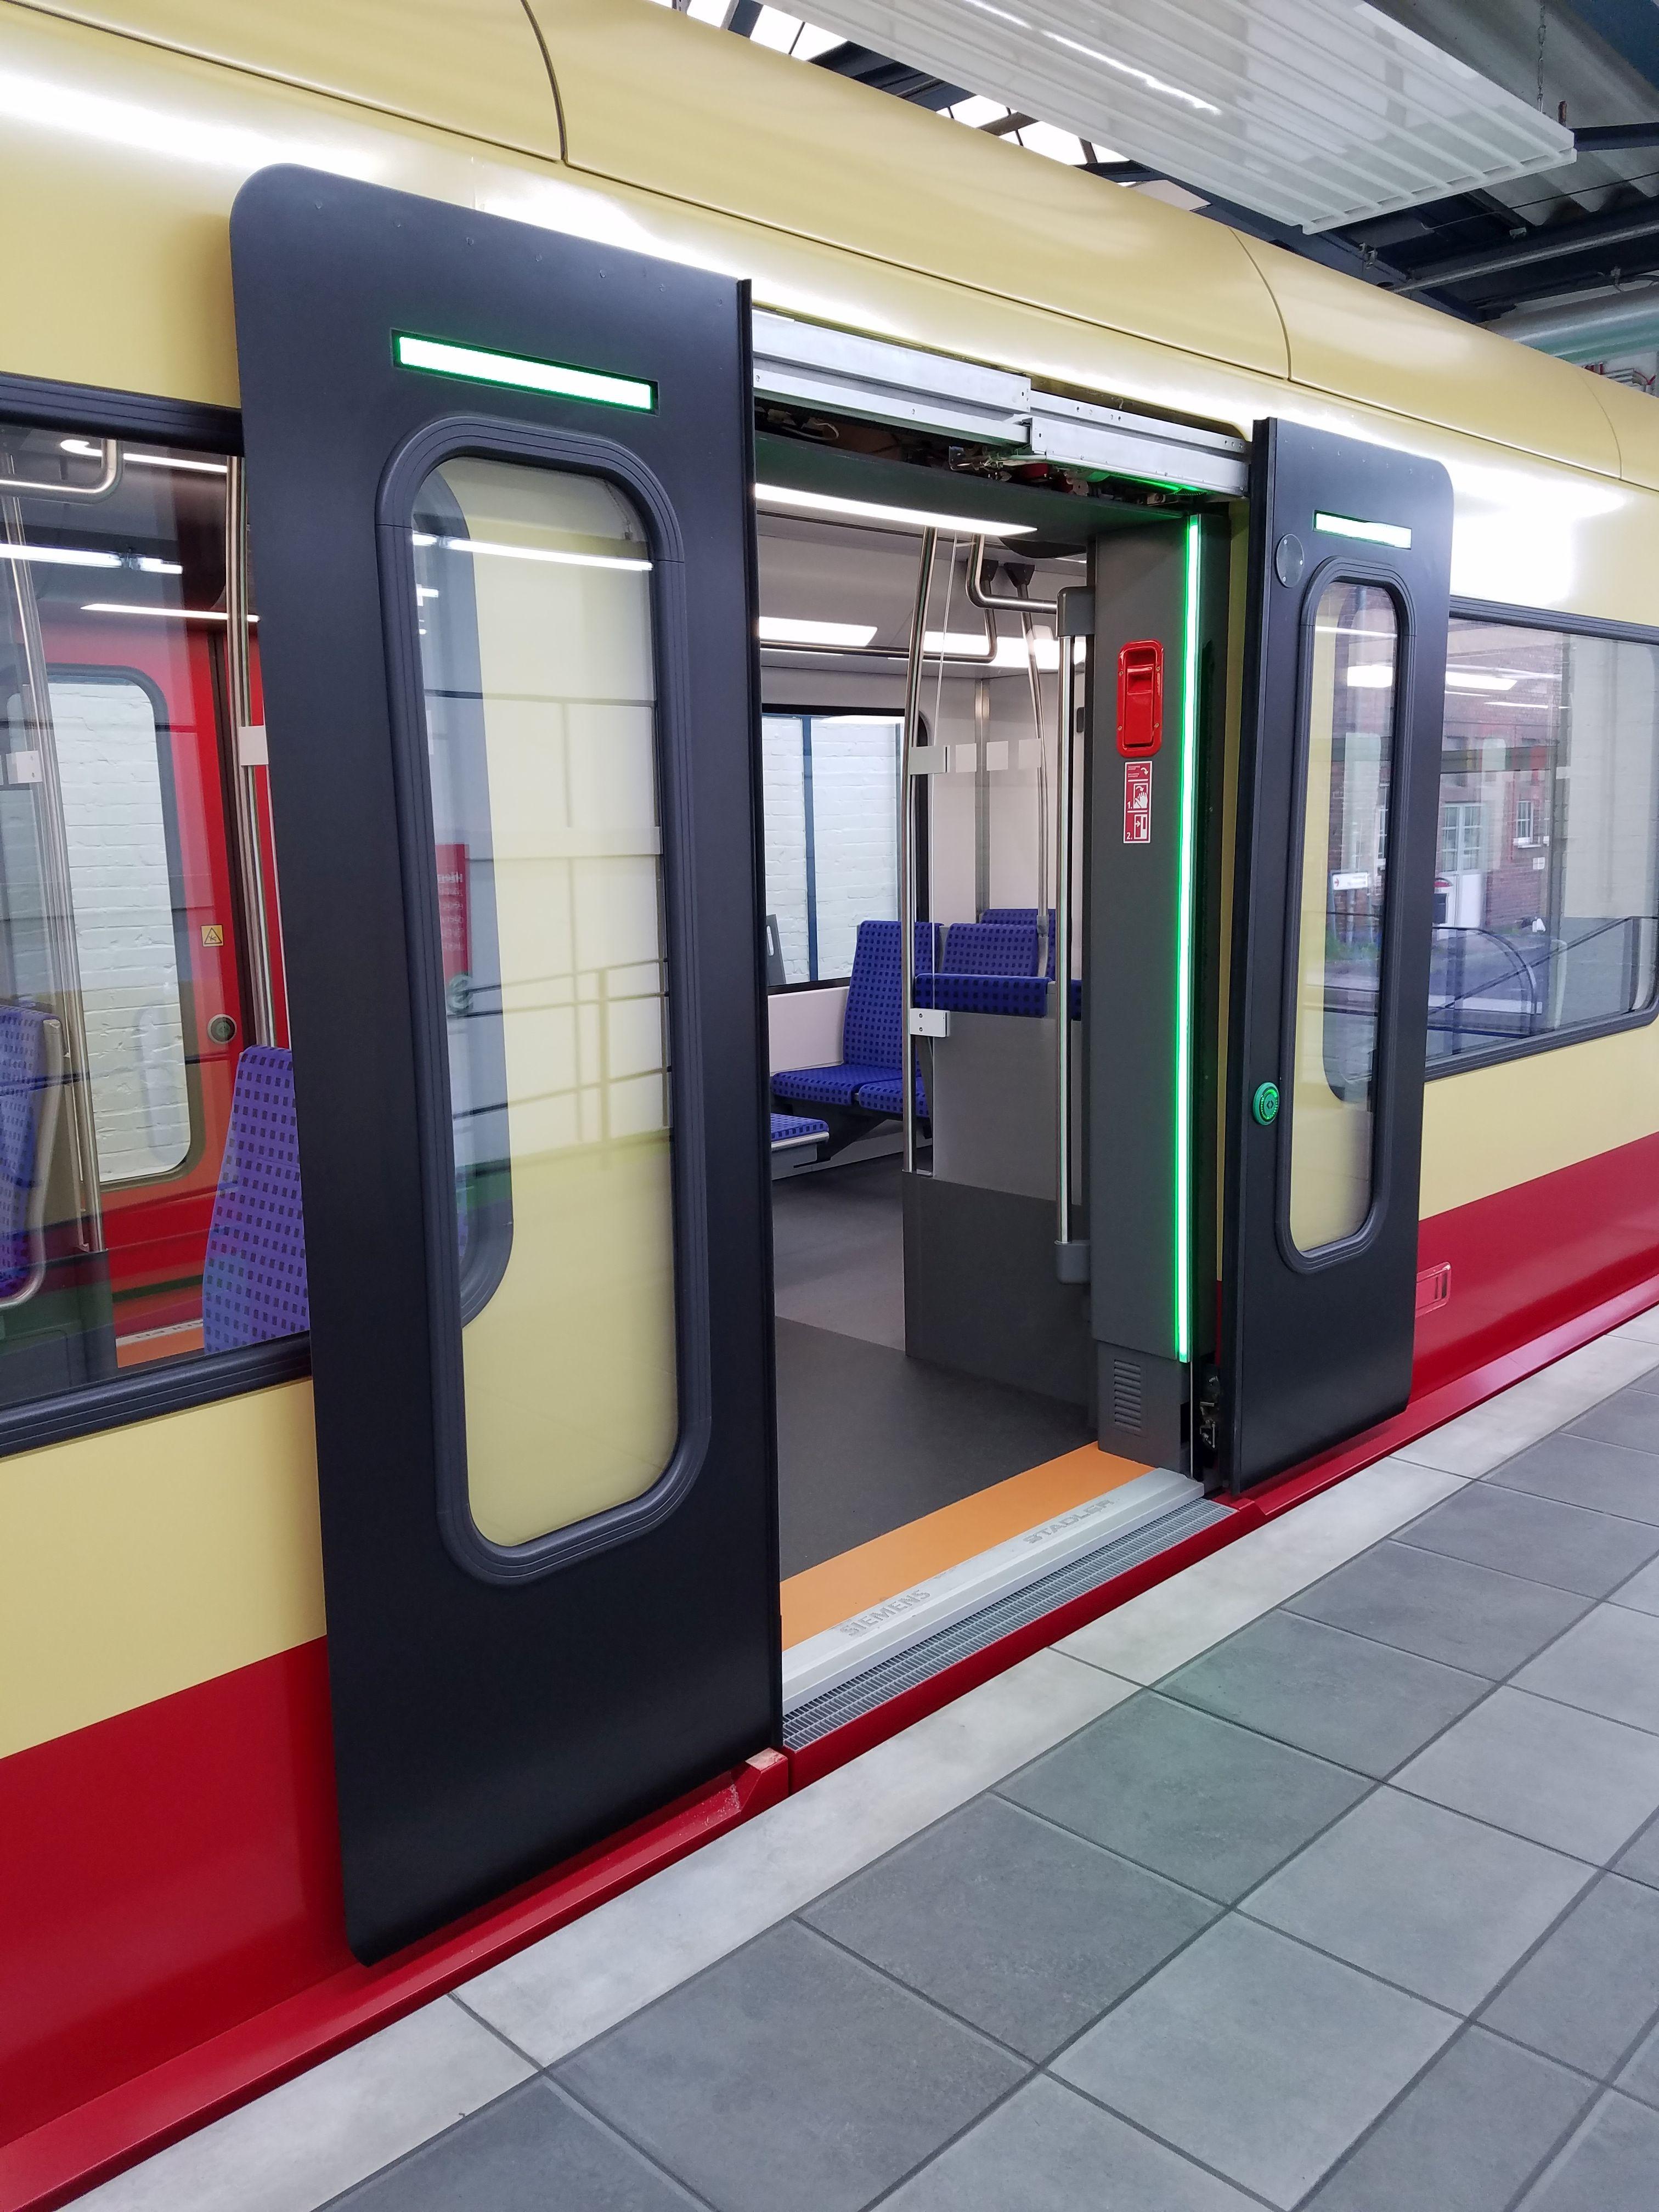 S-Bahn 483 Tür